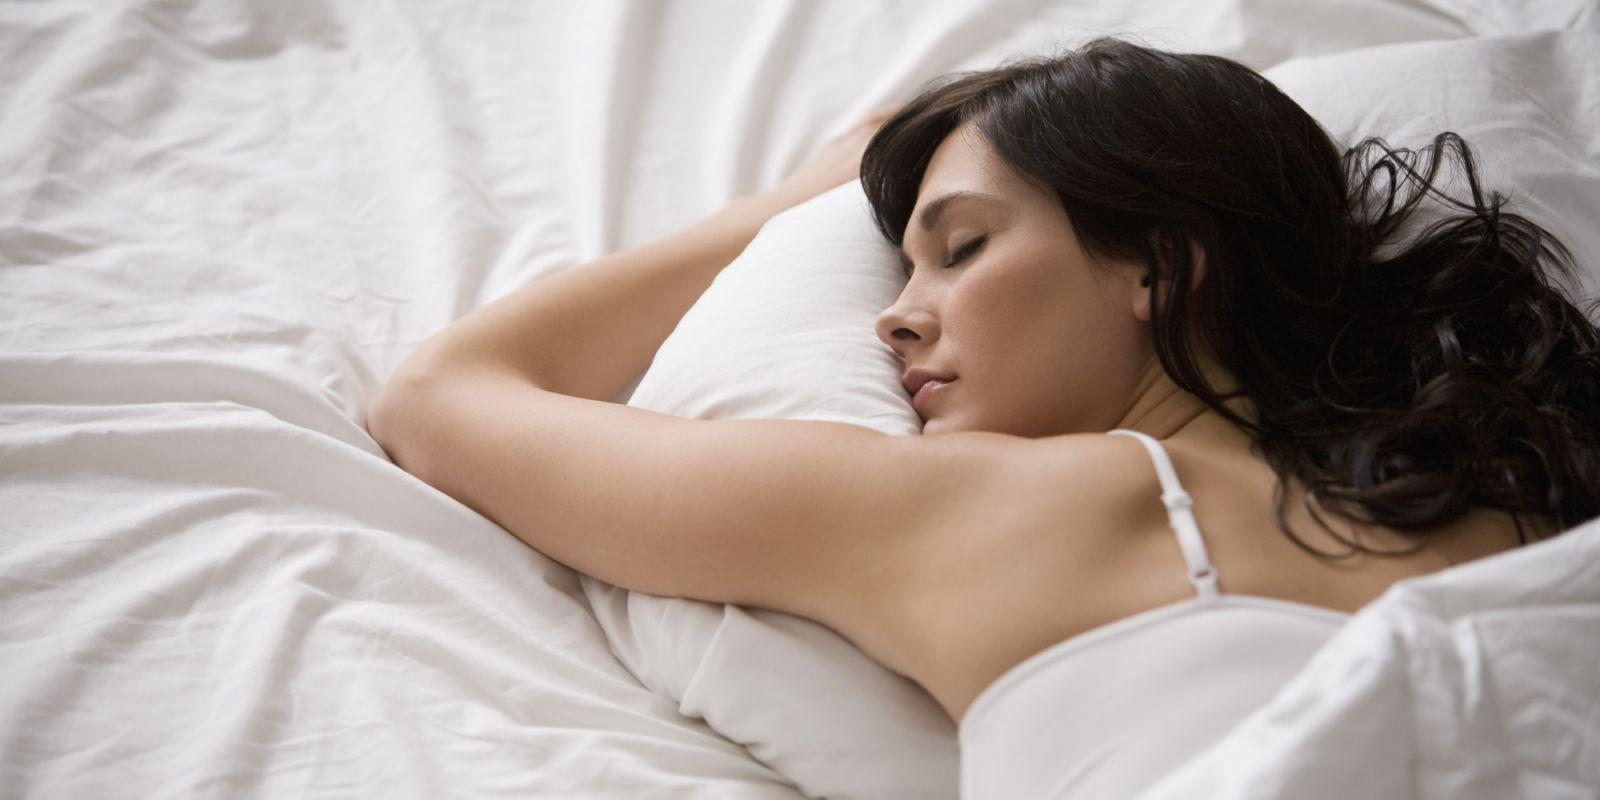 """4 thói quen vào buổi tối khiến làn da bạn """"xuống sắc"""" trầm trọng"""